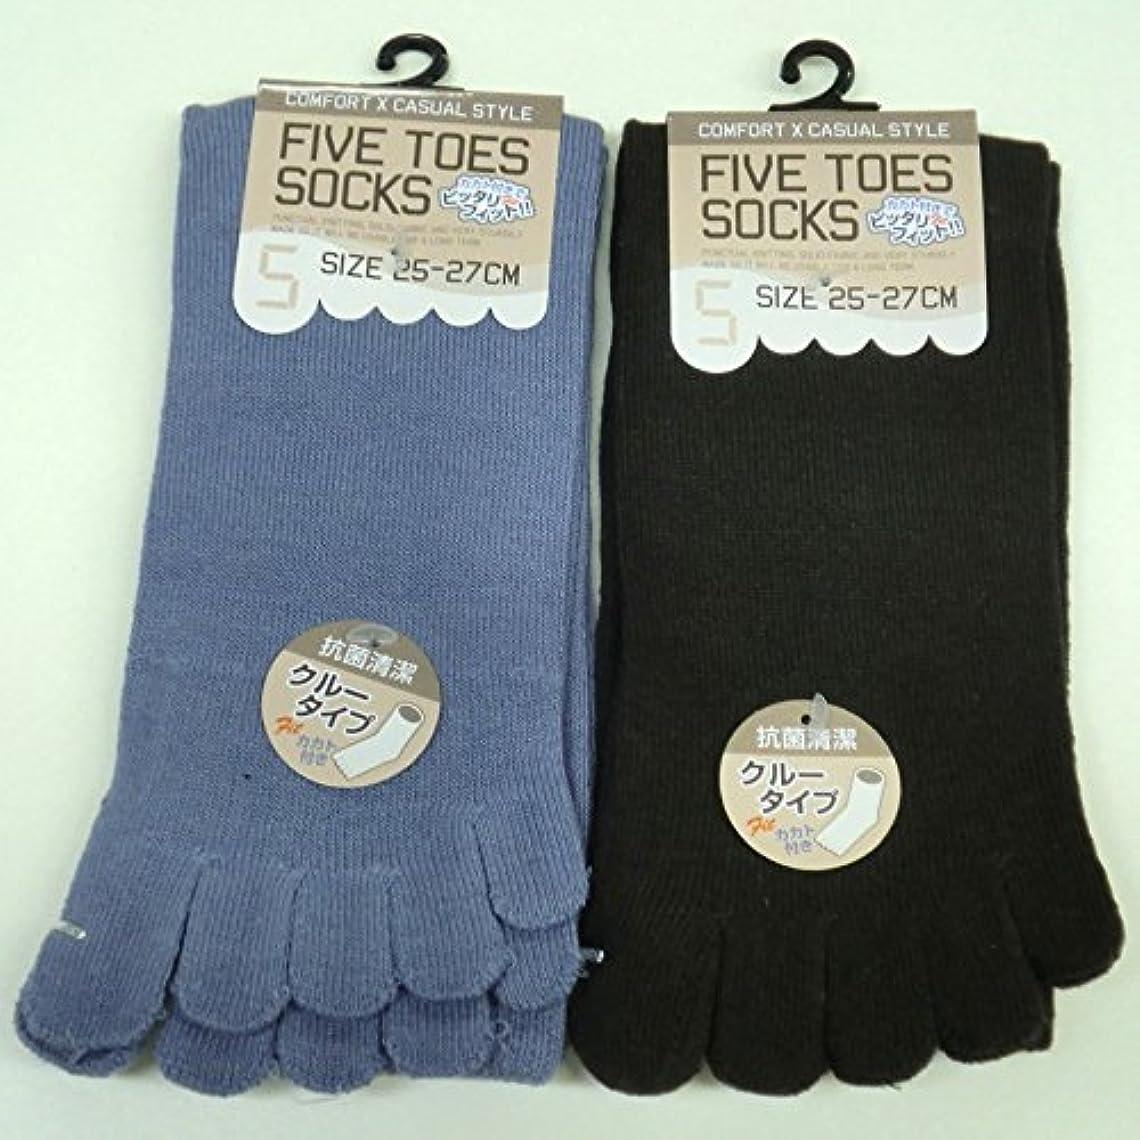 実際創造スリチンモイ5本指ソックス メンズ 綿混 蒸れない快適 5本指靴下 かかと付 25-27cm 5足組(色はお任せ)